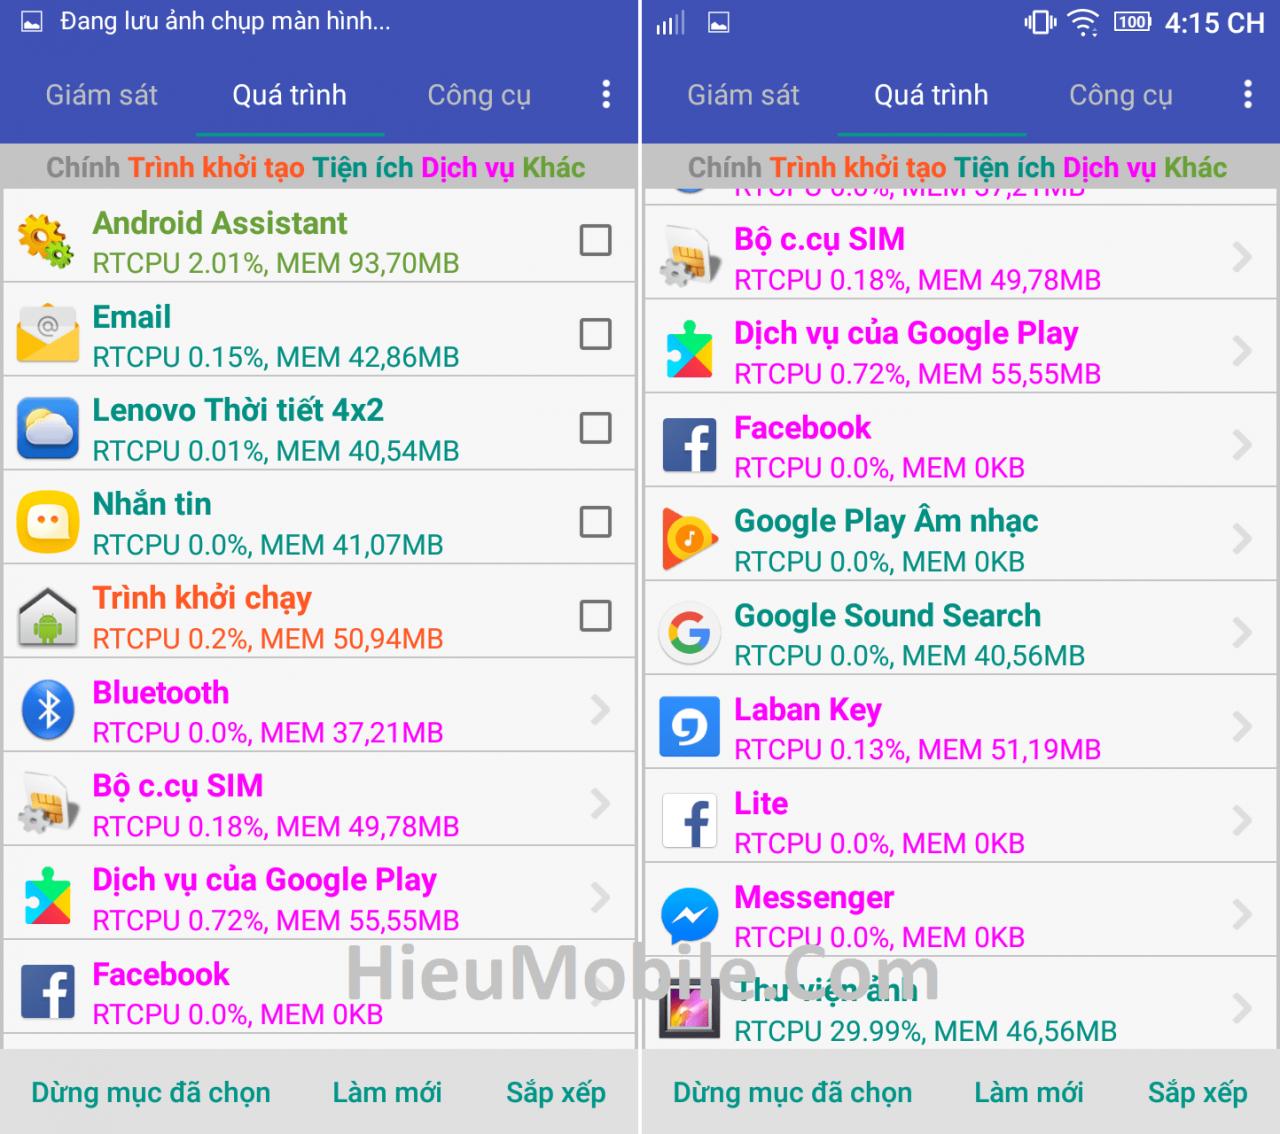 Hình ảnh qn7Nhtw của Tải Asistant For Android - Ứng dụng quản lý điện thoại chuyên nghiệp tại HieuMobile